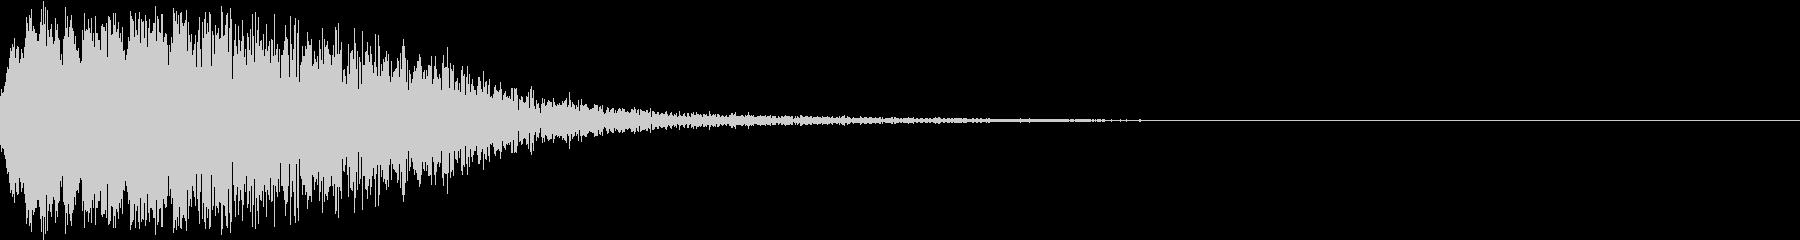 ブアシュゥン(サイバー・機械・プッシュ)の未再生の波形